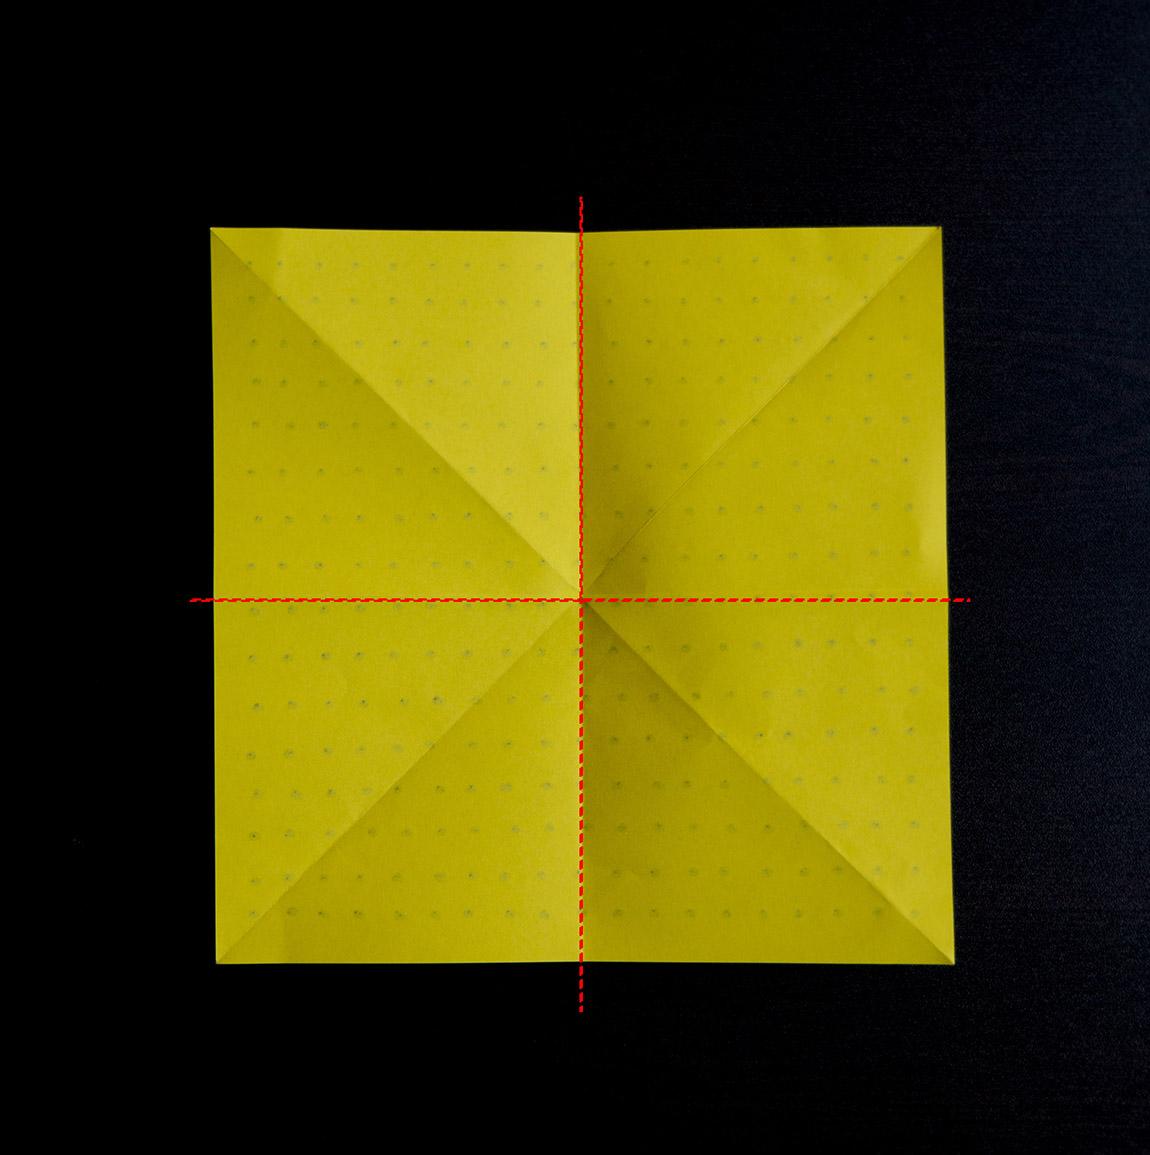 Retourne la feuille et plie la en deux dans le sens de la hauteur et dans celui de la largeur